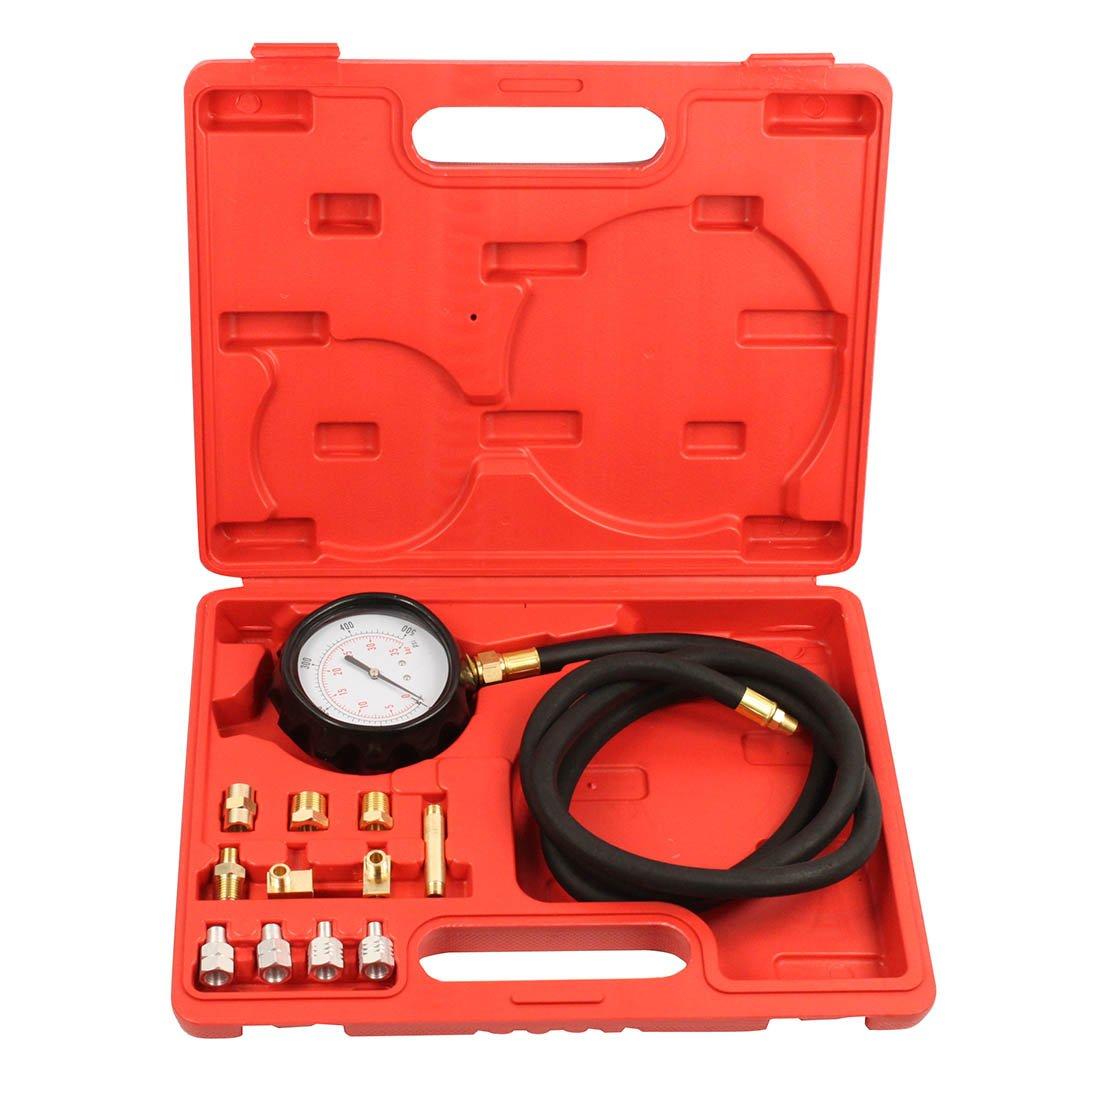 Qbace Car/truck Diesel Petrol Wave Box Oil Pressure Meter Gauge Tester Tool Kit Set